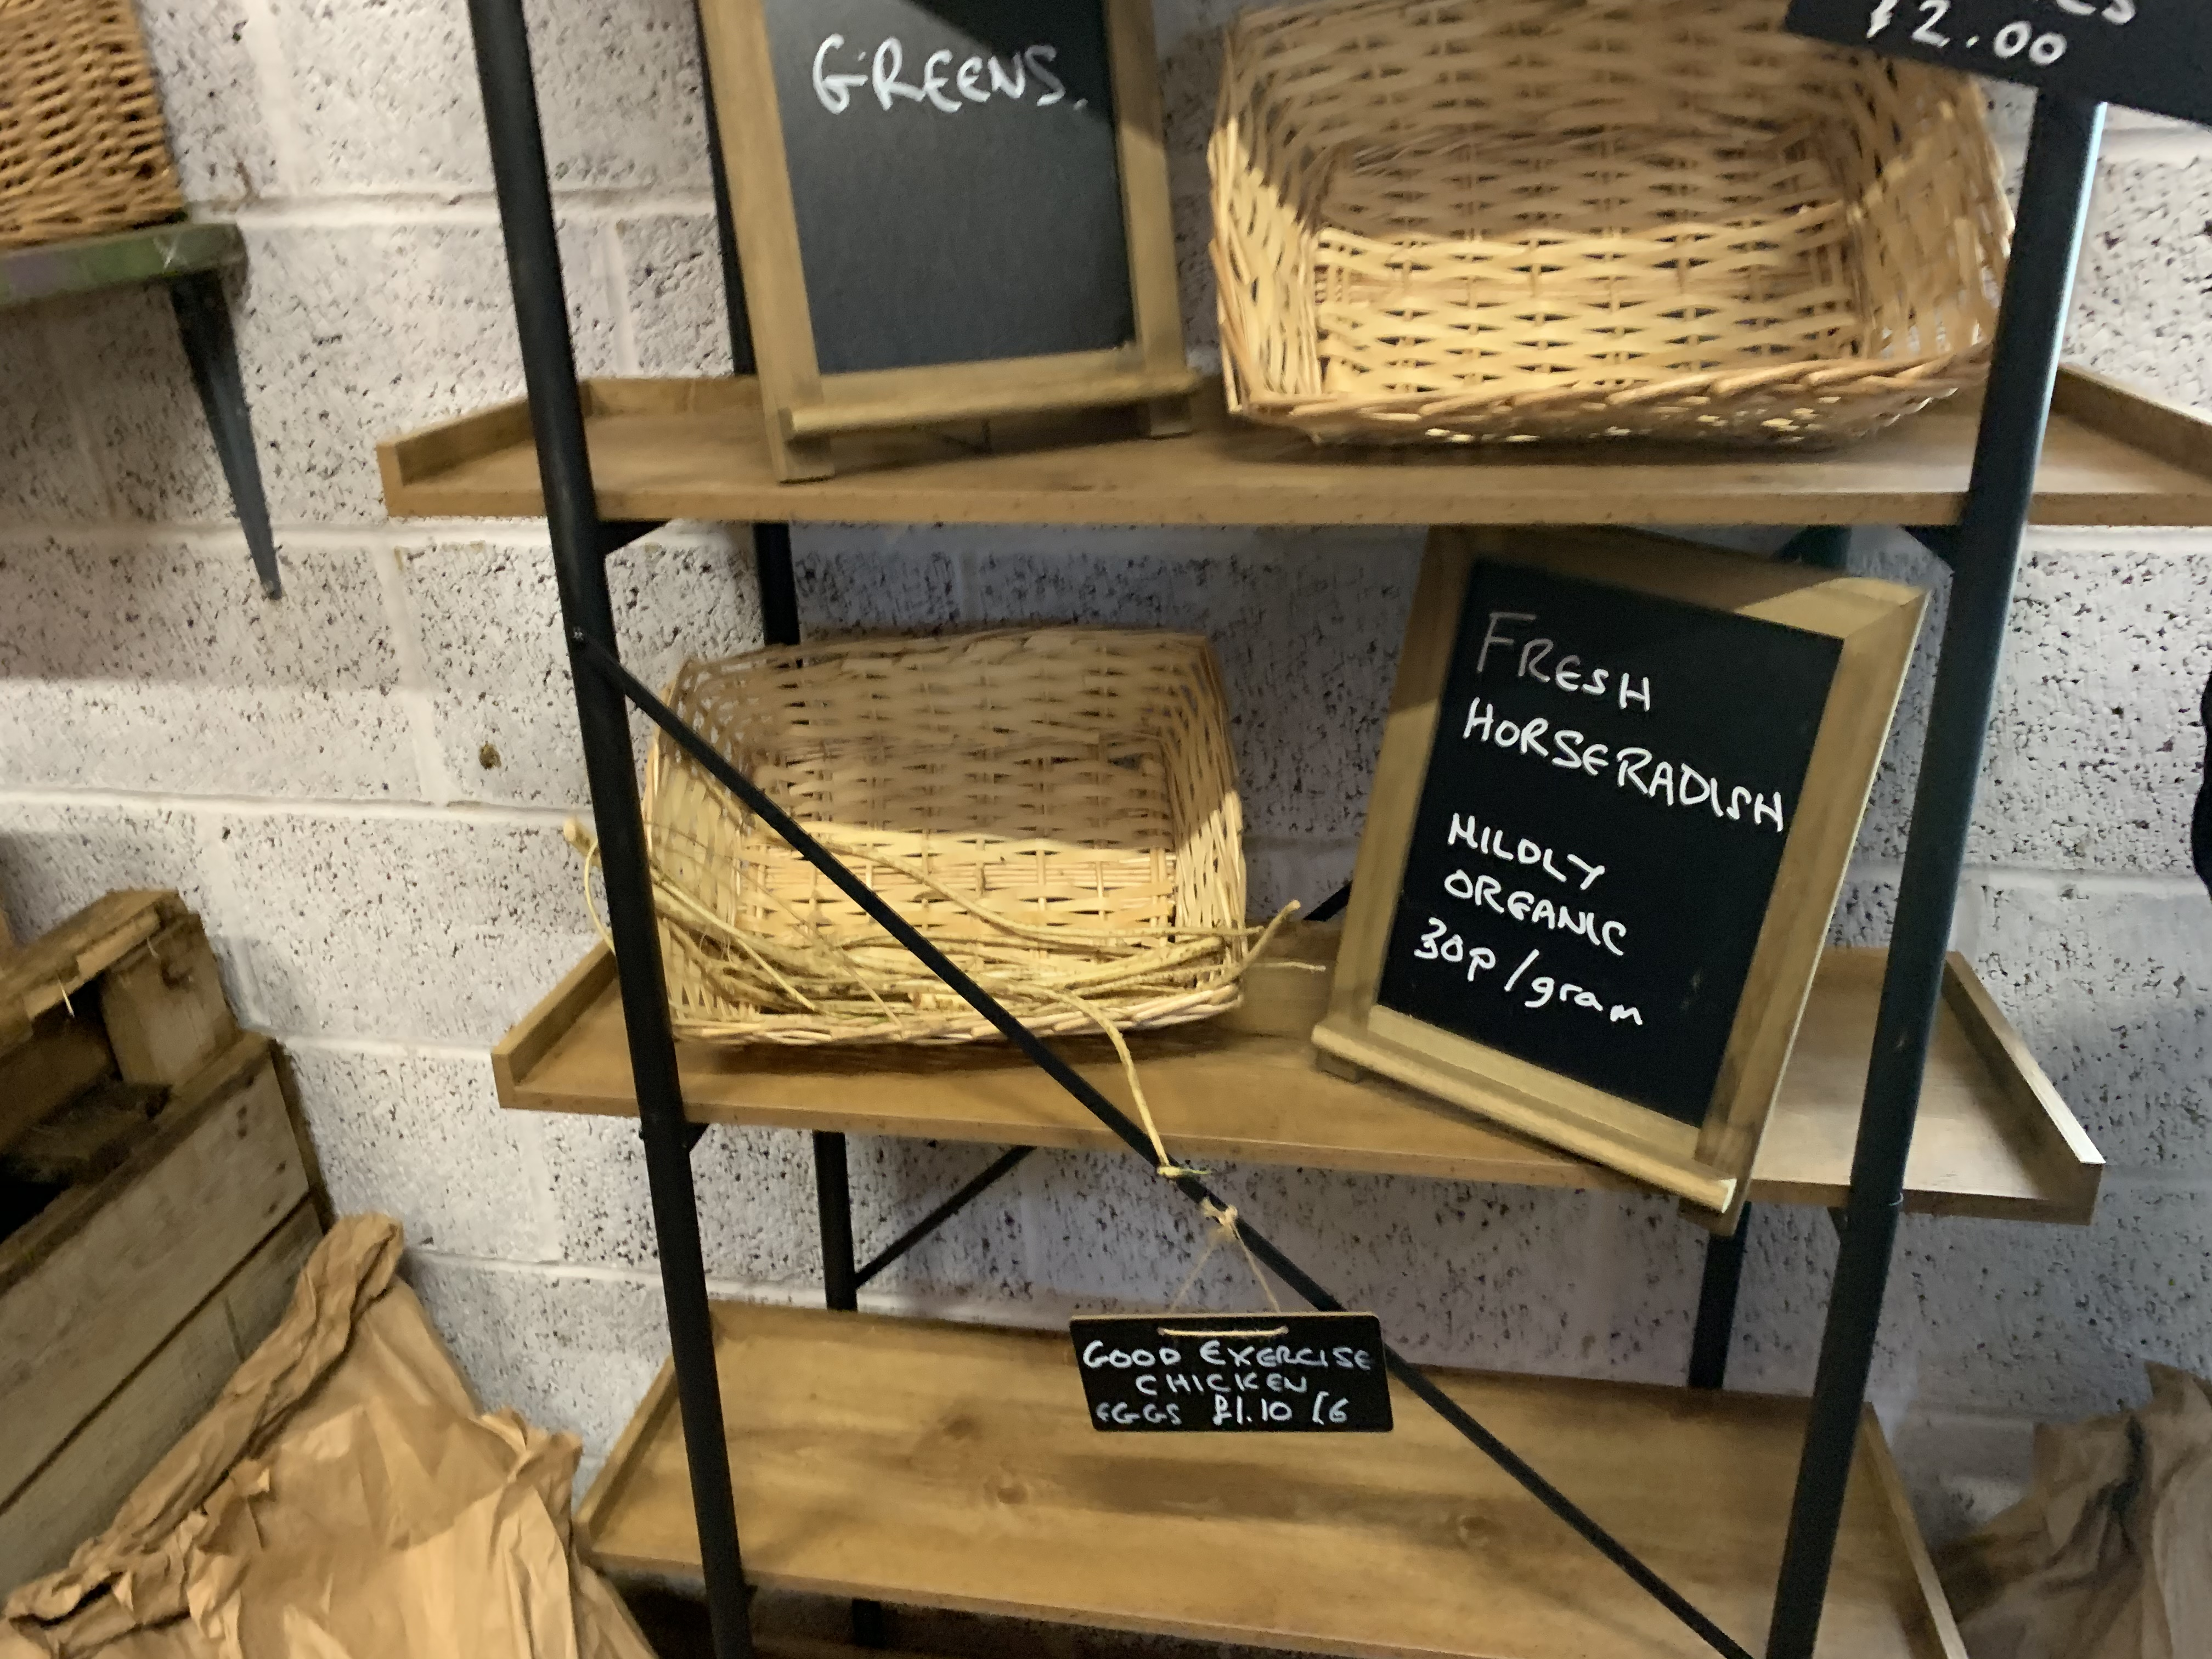 Empty shelves at Clarkson's farm shop